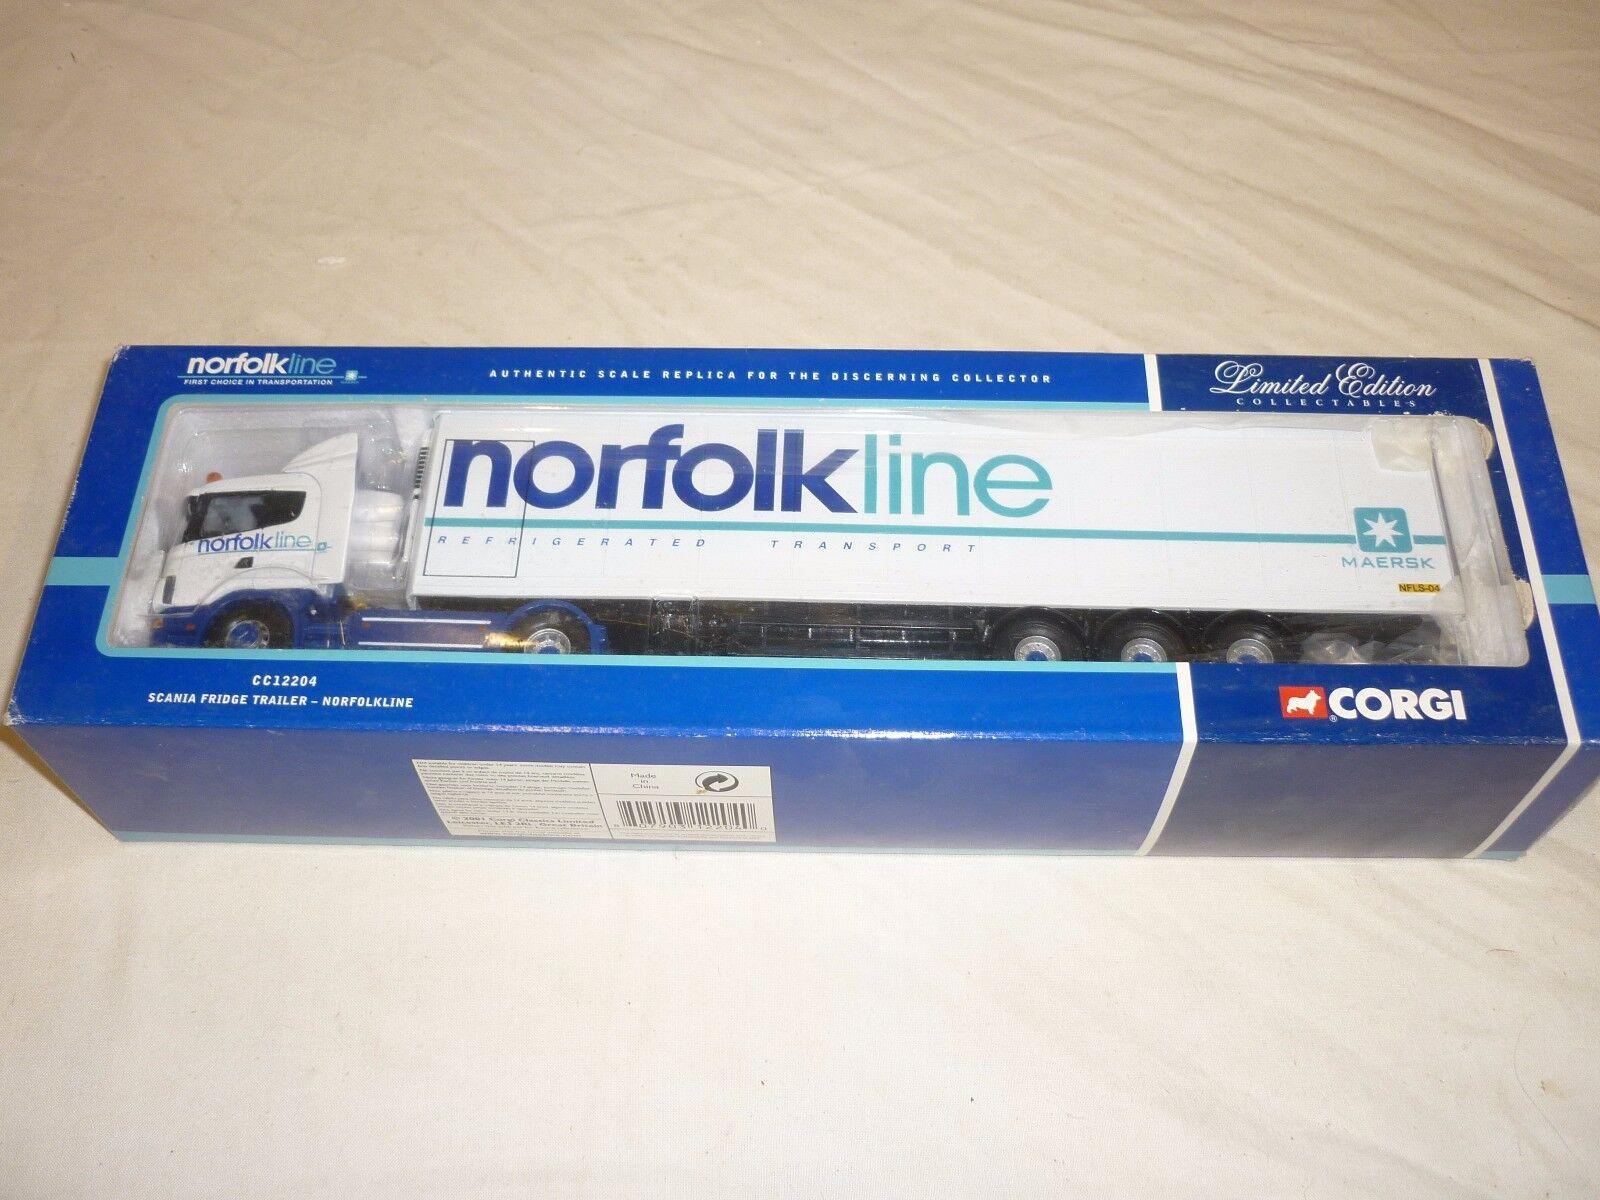 Ein corgi - 12204 scania, kühlschrank, wohnwagen, norfolk line umzingelt